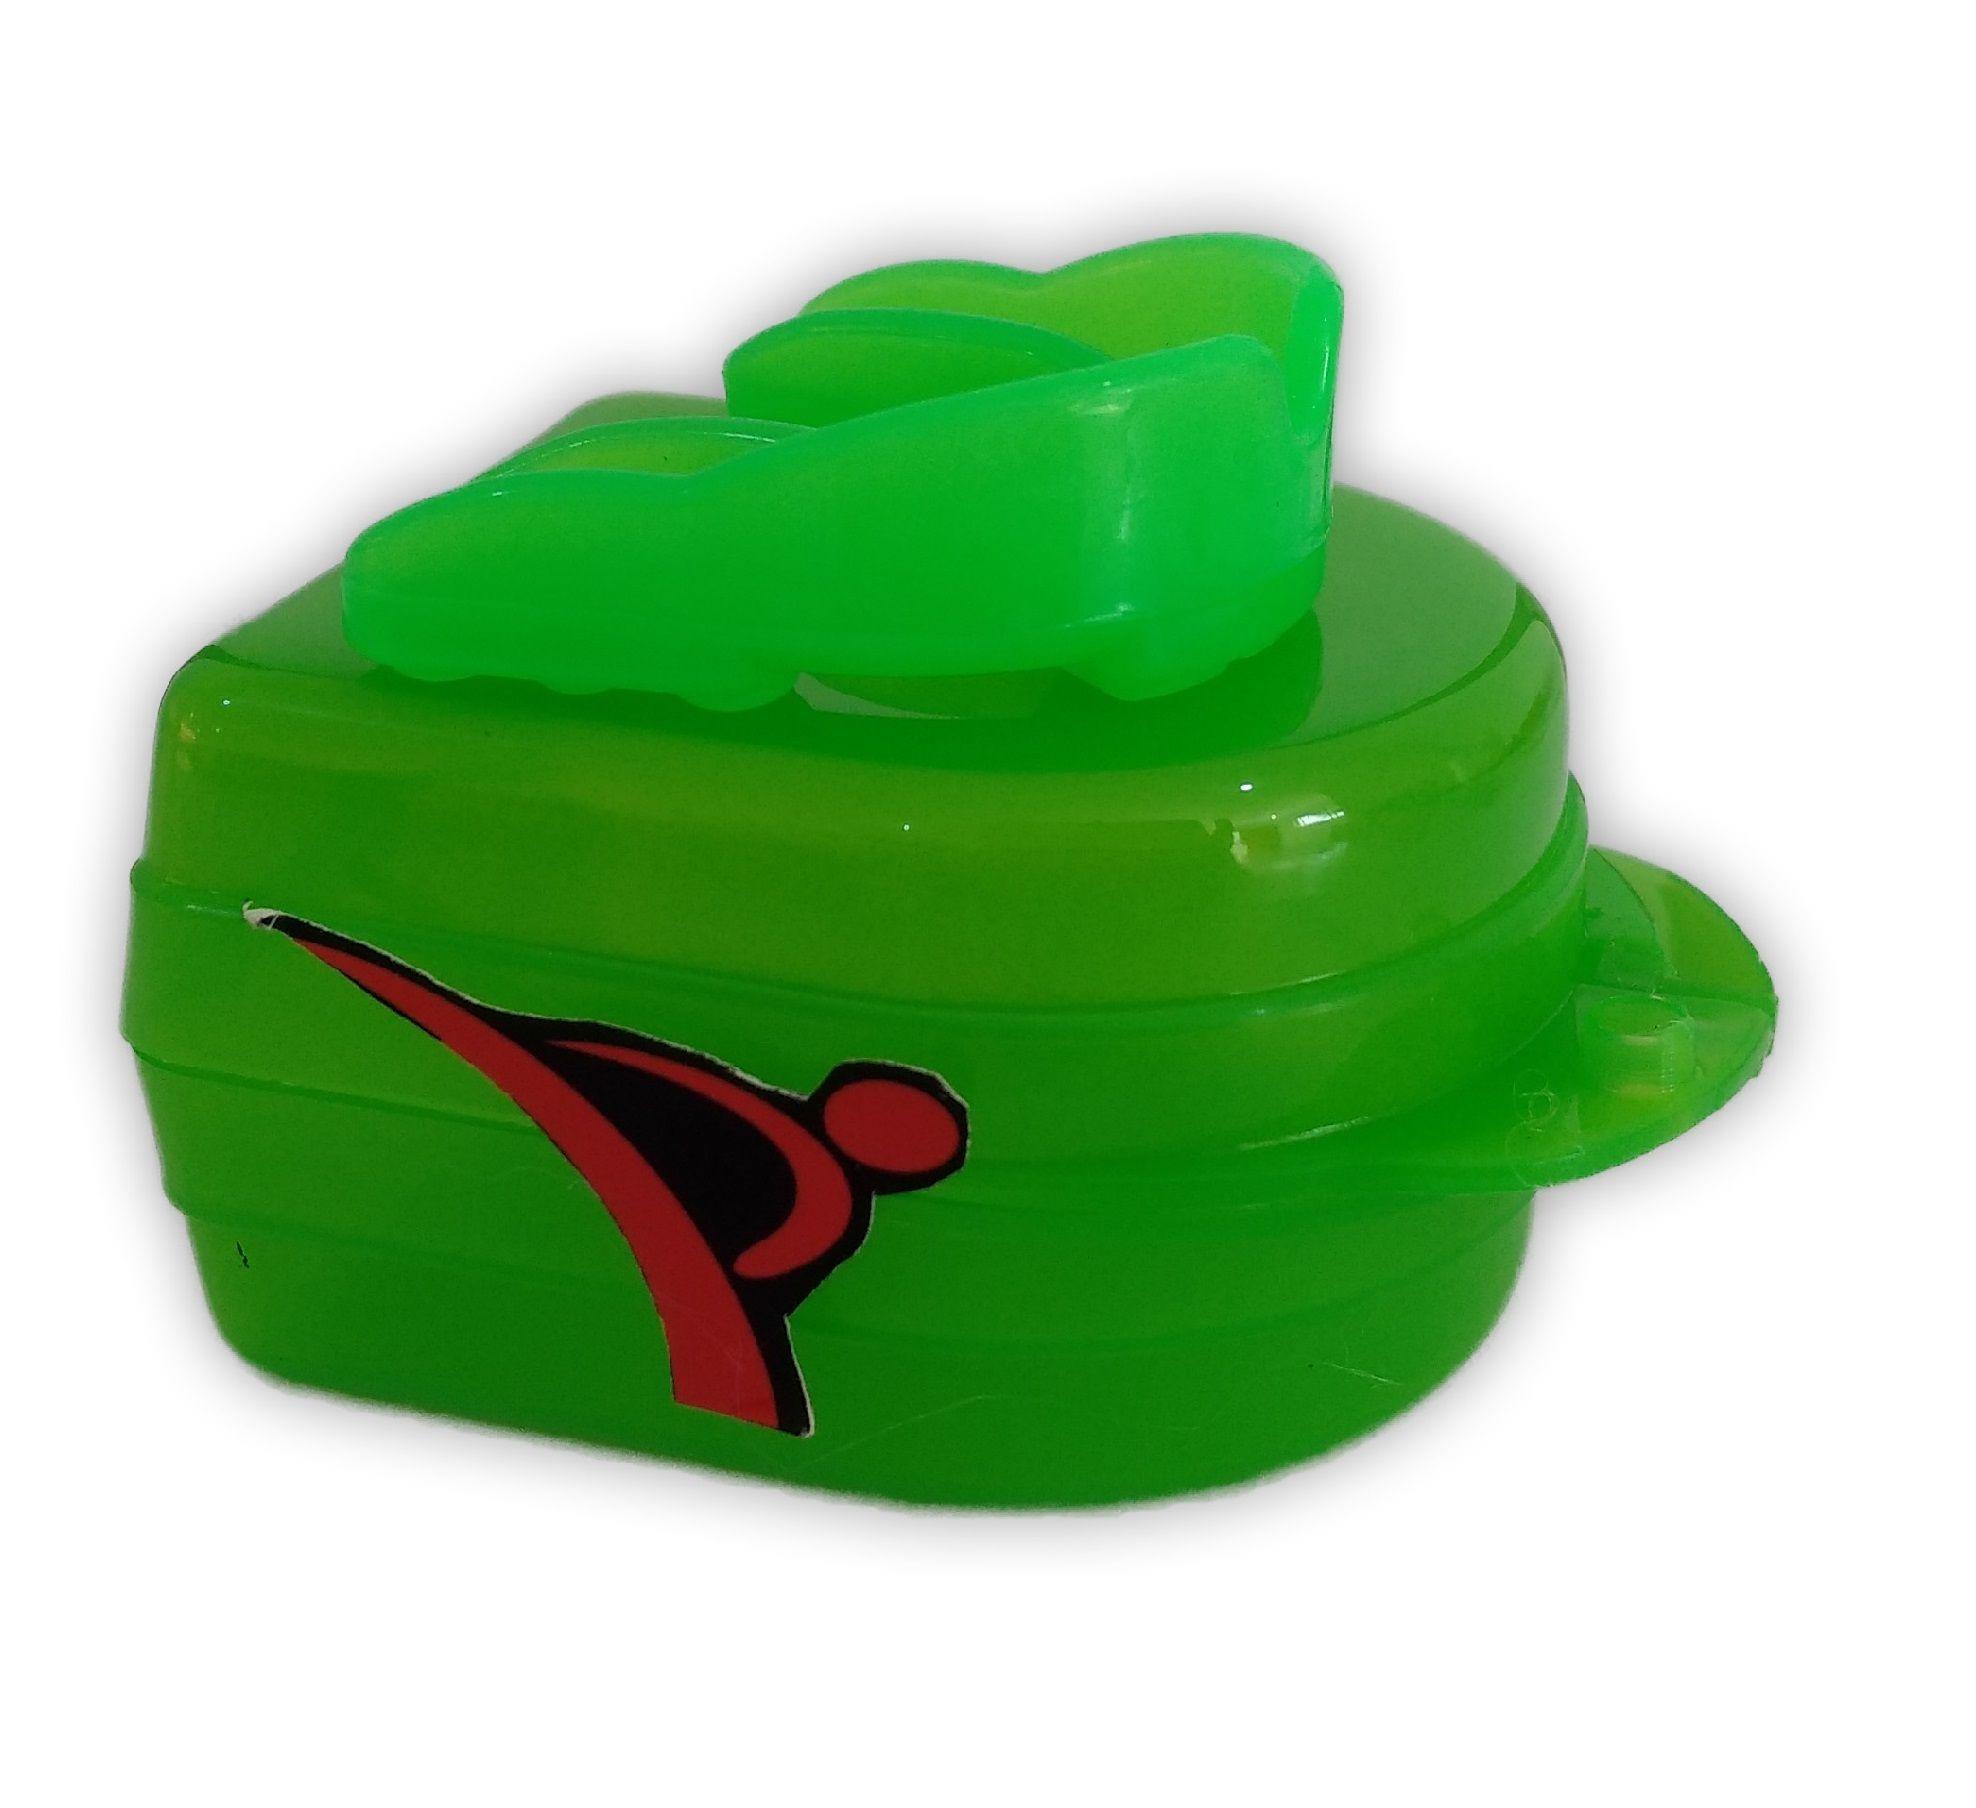 Protetor Bucal Dentes Simples Moldável Água Quente C/ Estojo Verde - Vollo  - PRALUTA SHOP